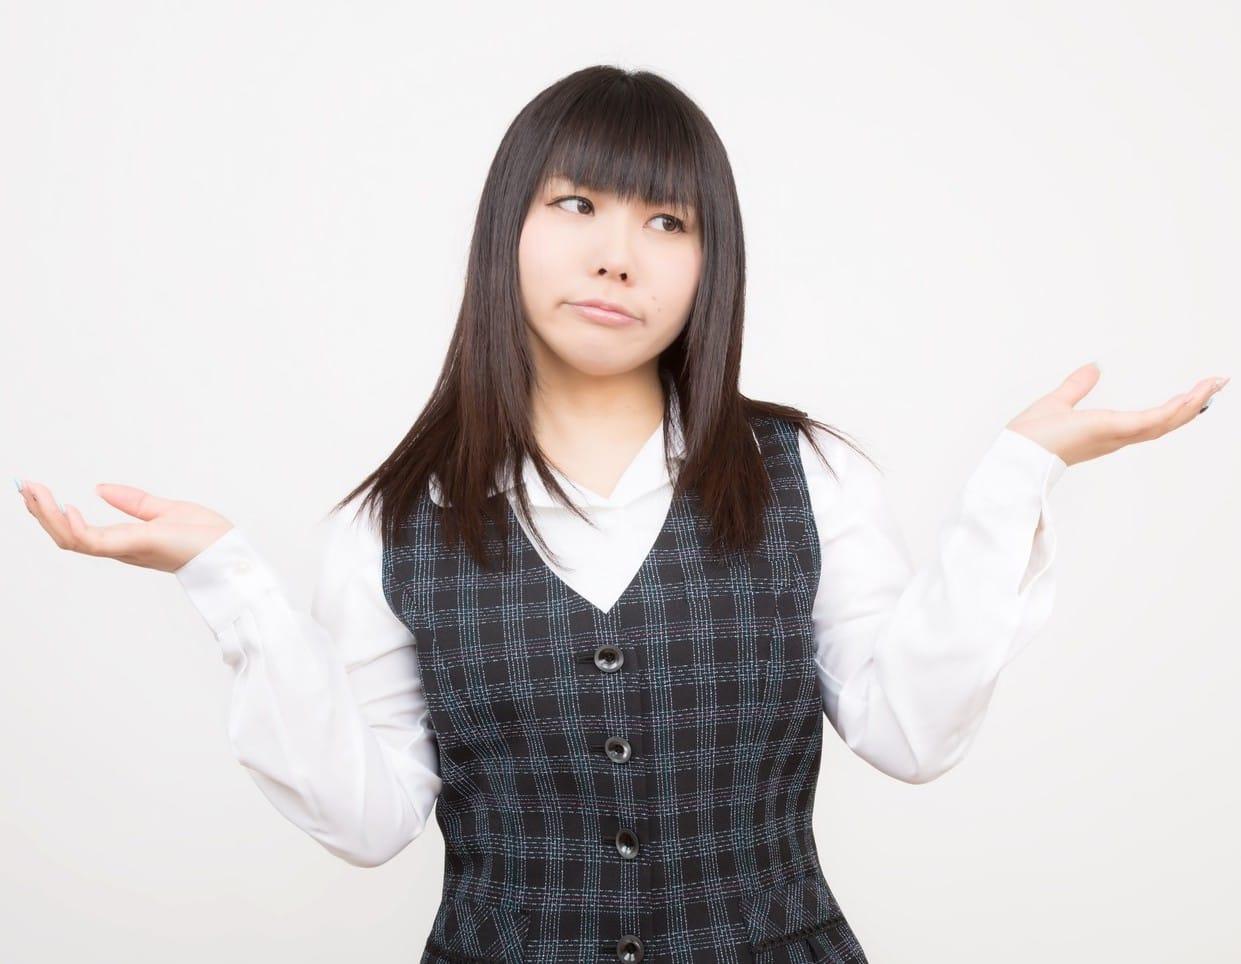 お仕事は店舗型ですか?デリバリー型ですか?|福岡回春性感マッサージ倶楽部の求人ブログ